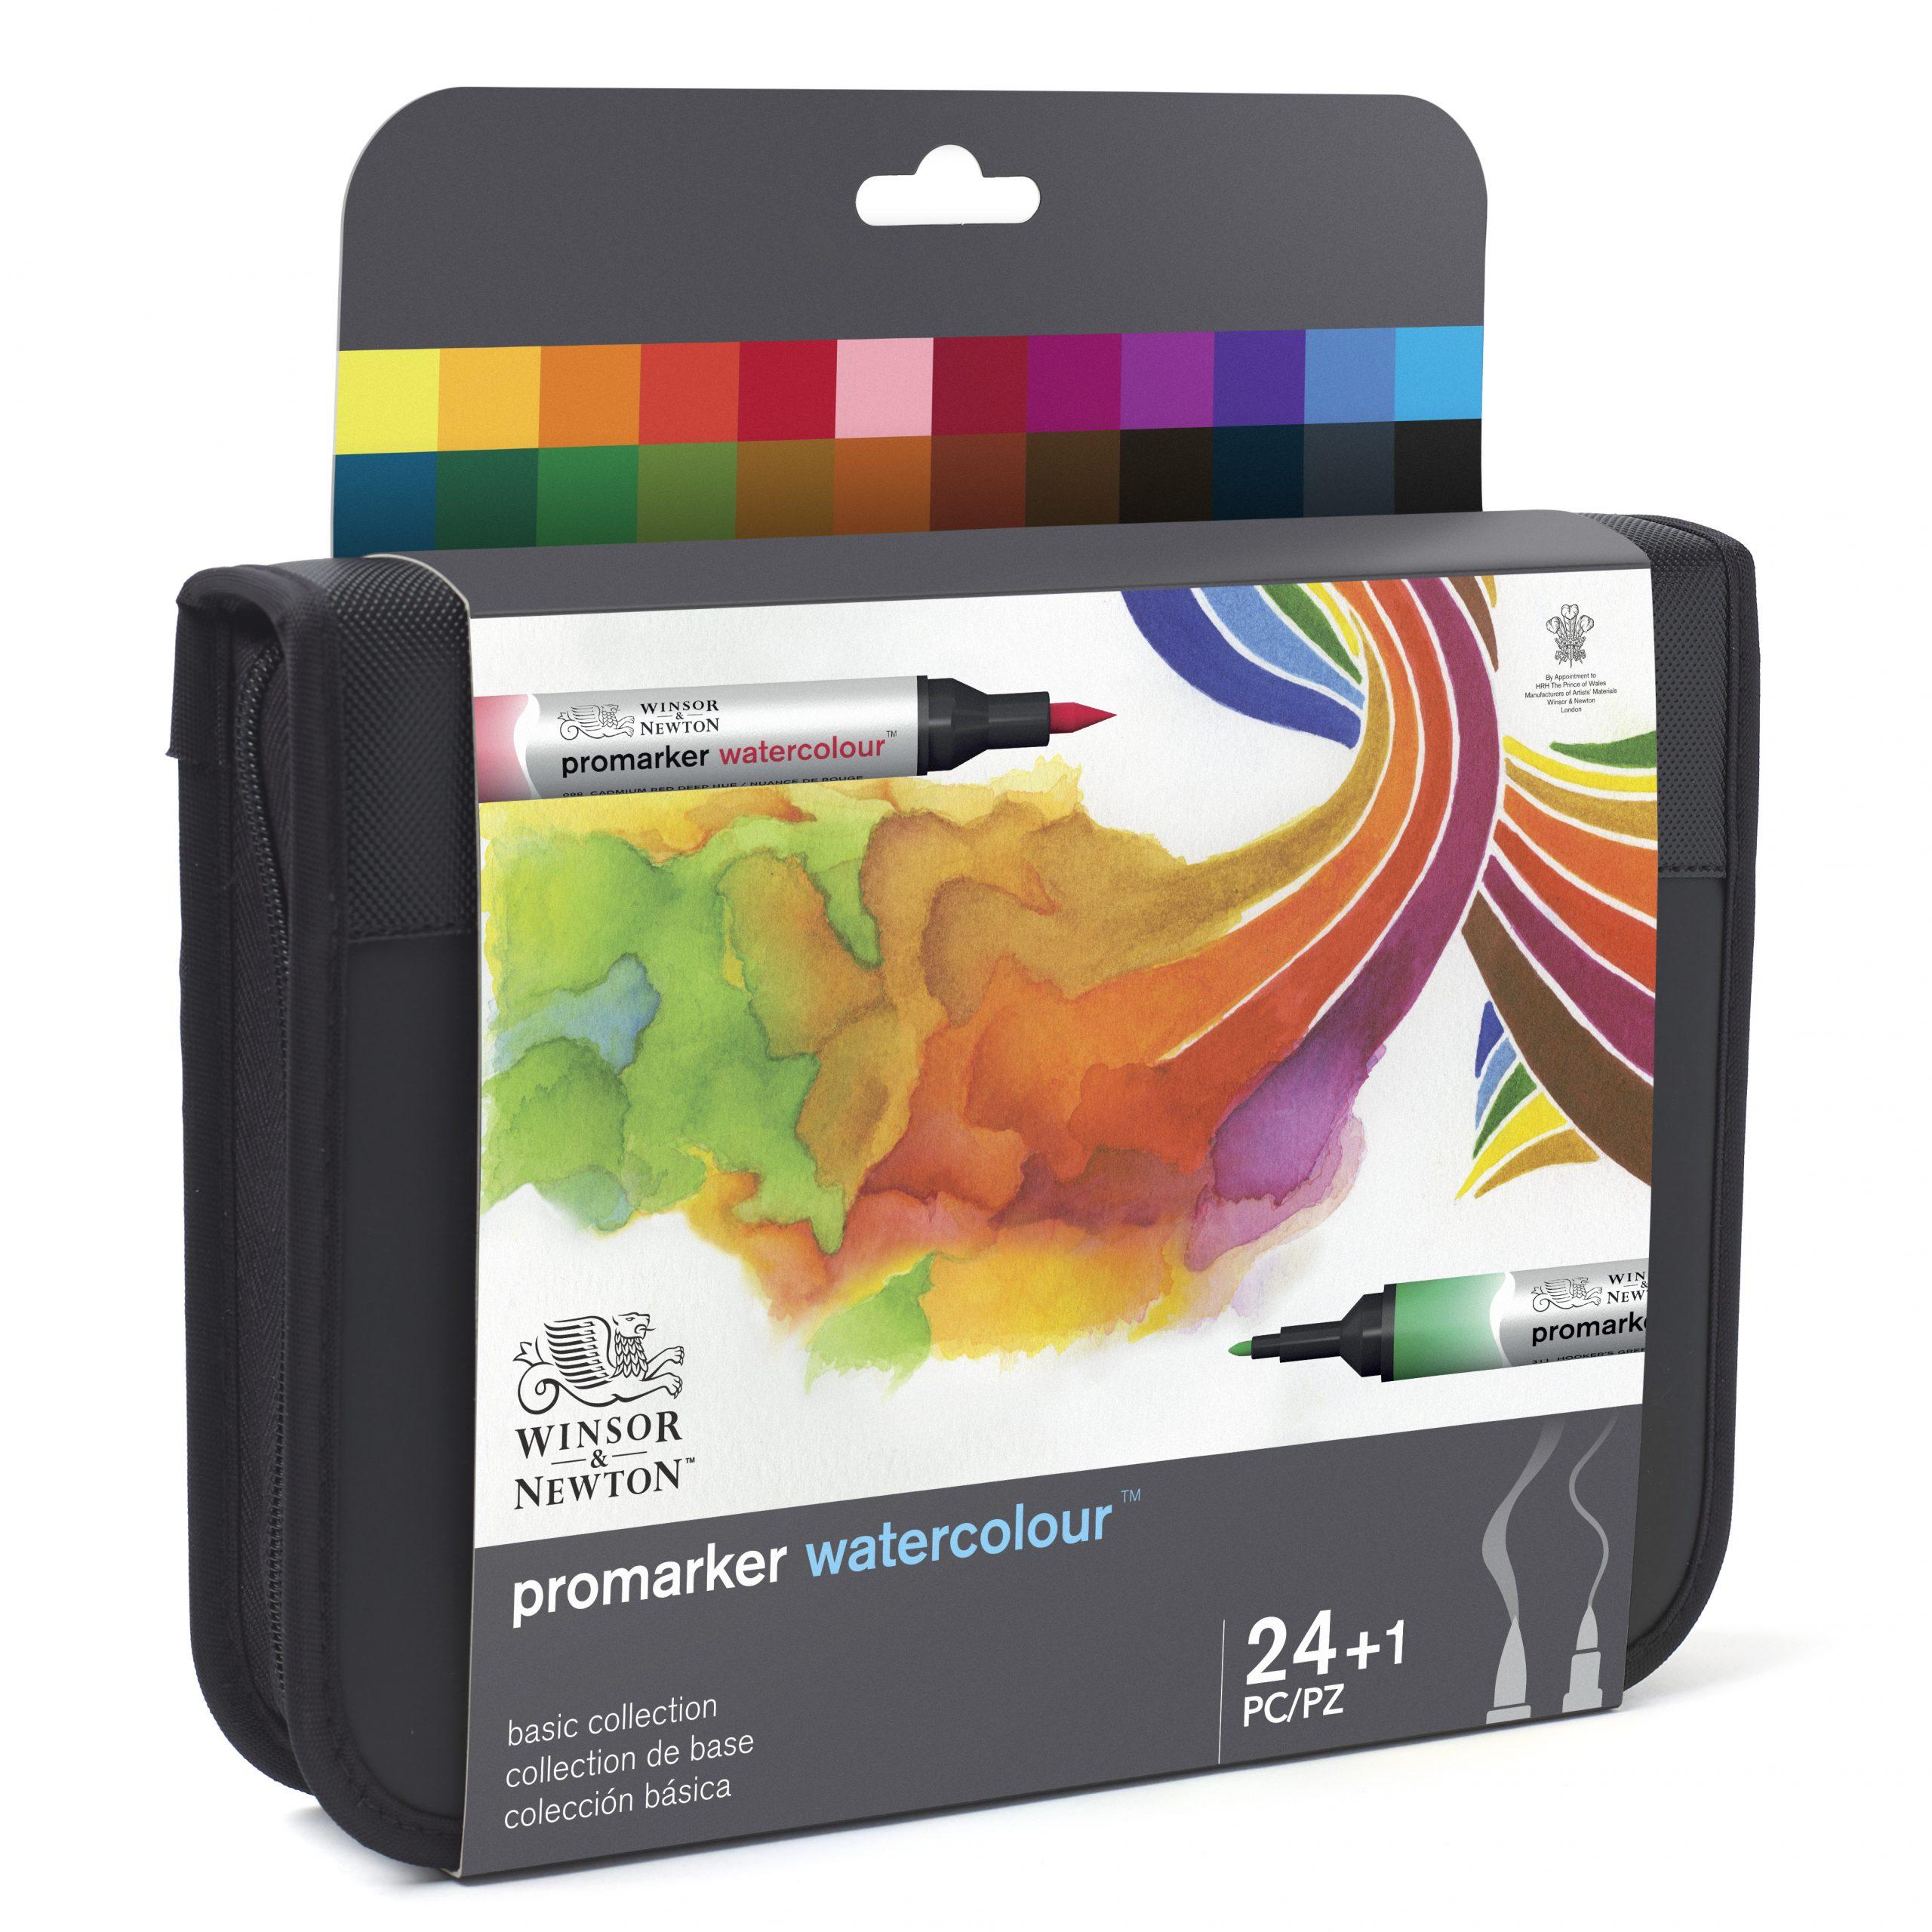 Los 24 colores que del nuevo set Promarker Watercolour de Winsor & Newton